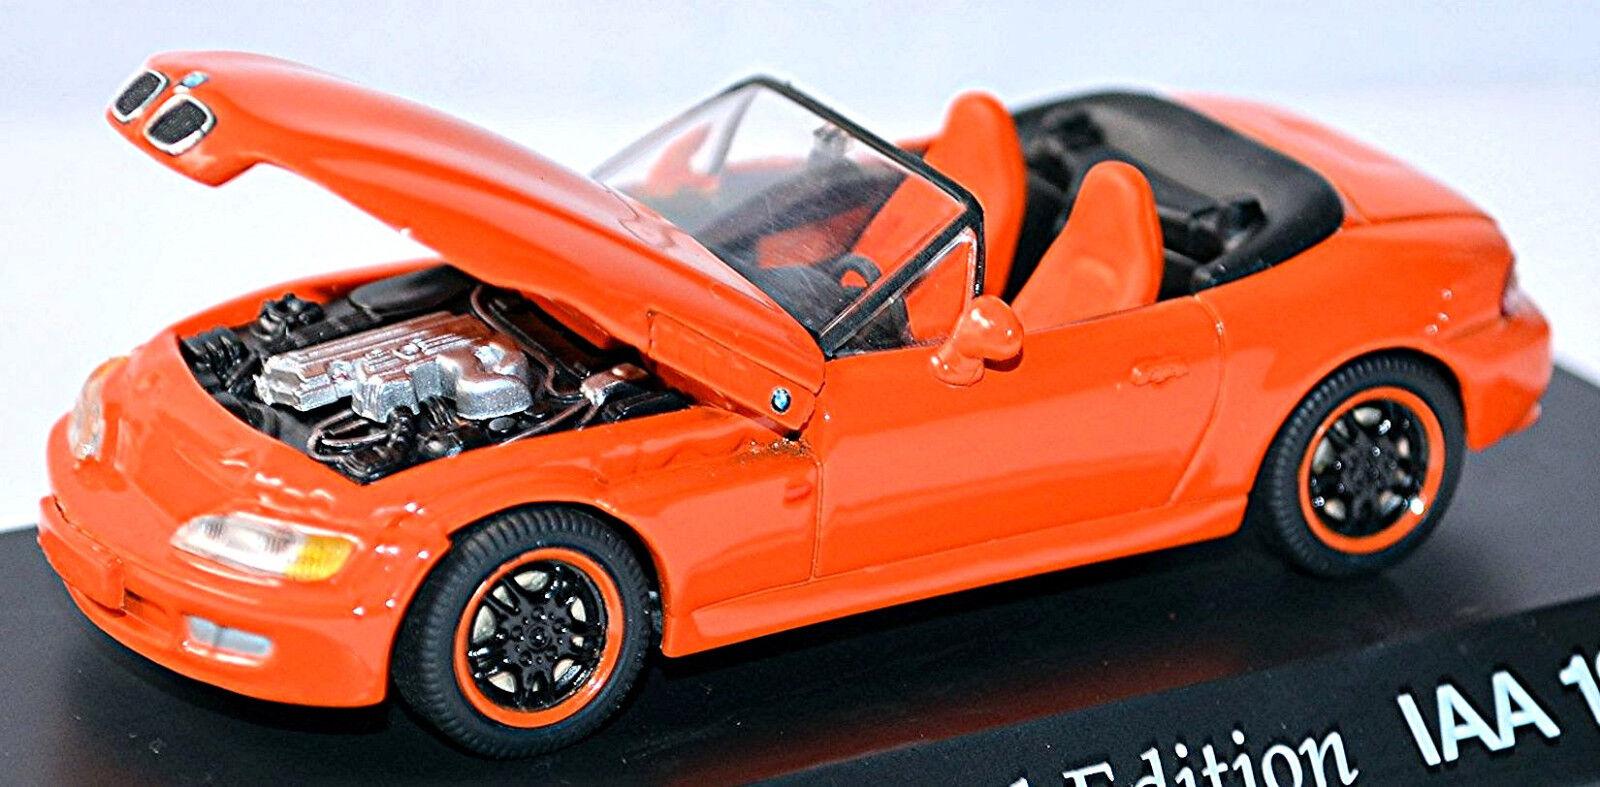 BMW Z 3 Cabriolet 1995-99 orange Special Model IAA 1997 1 43 Schuco